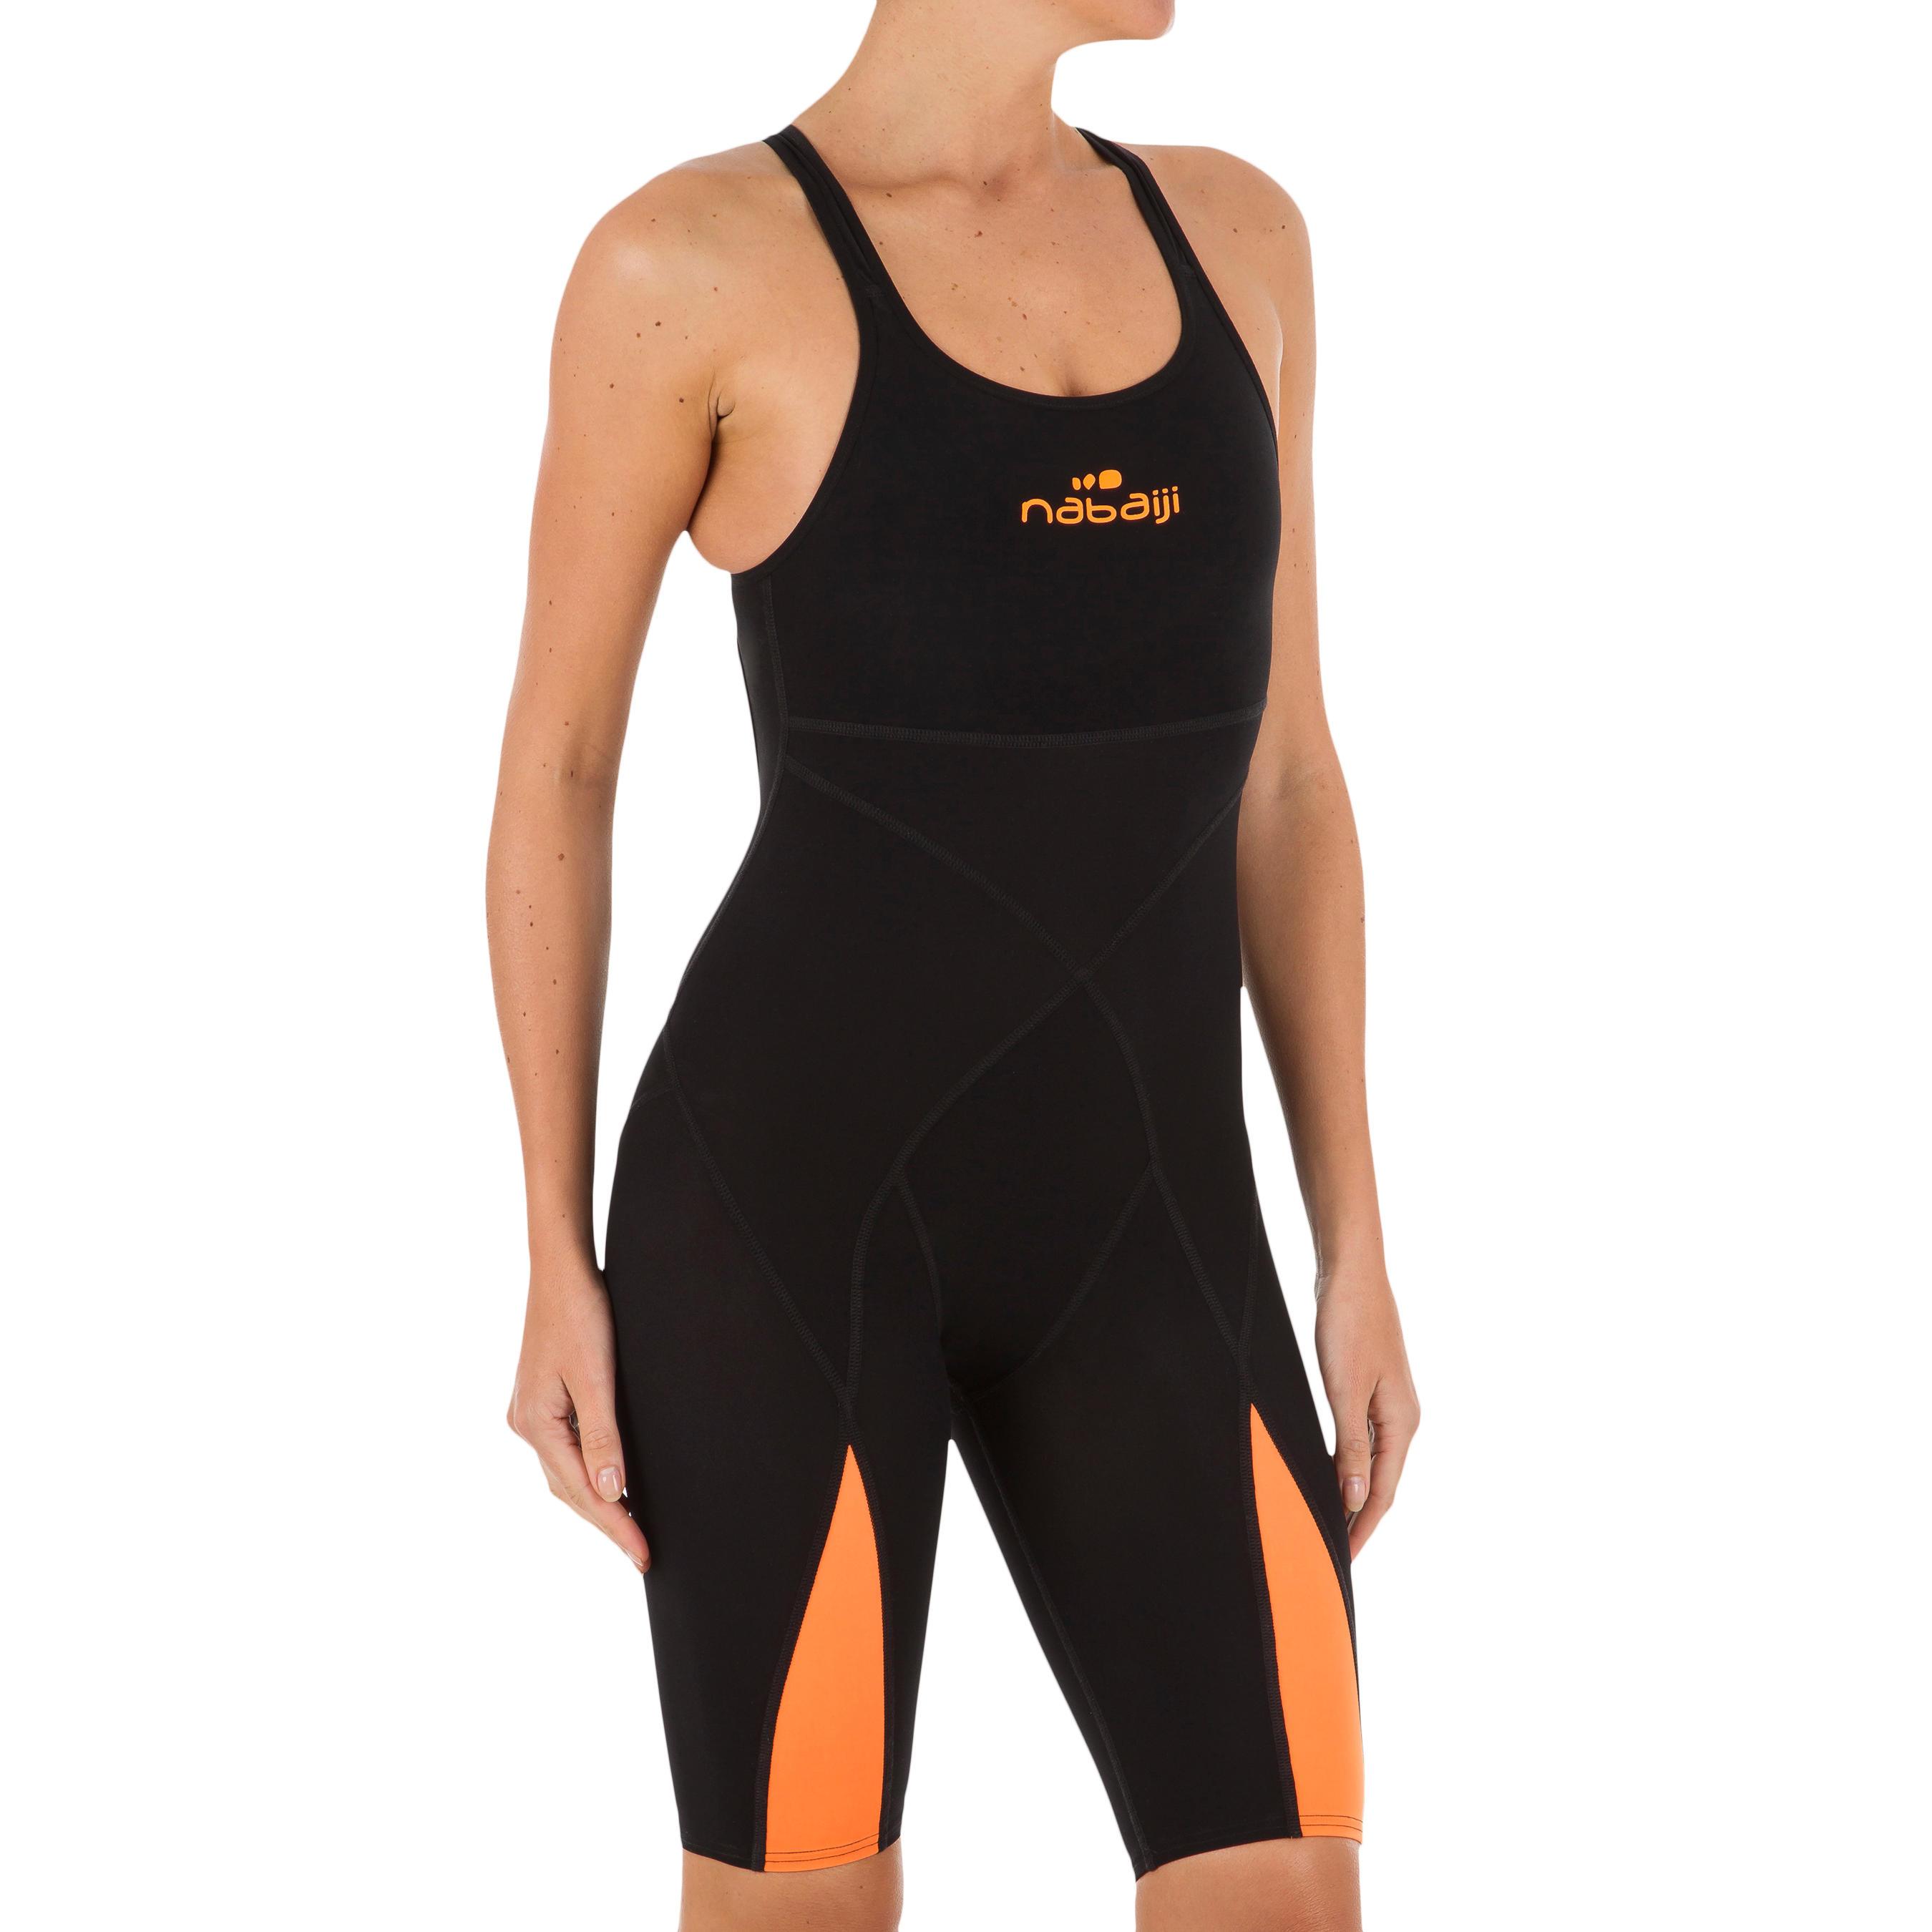 Nabaiji zwempak dames fina oranje zwart - Decathlon costumi piscina ...